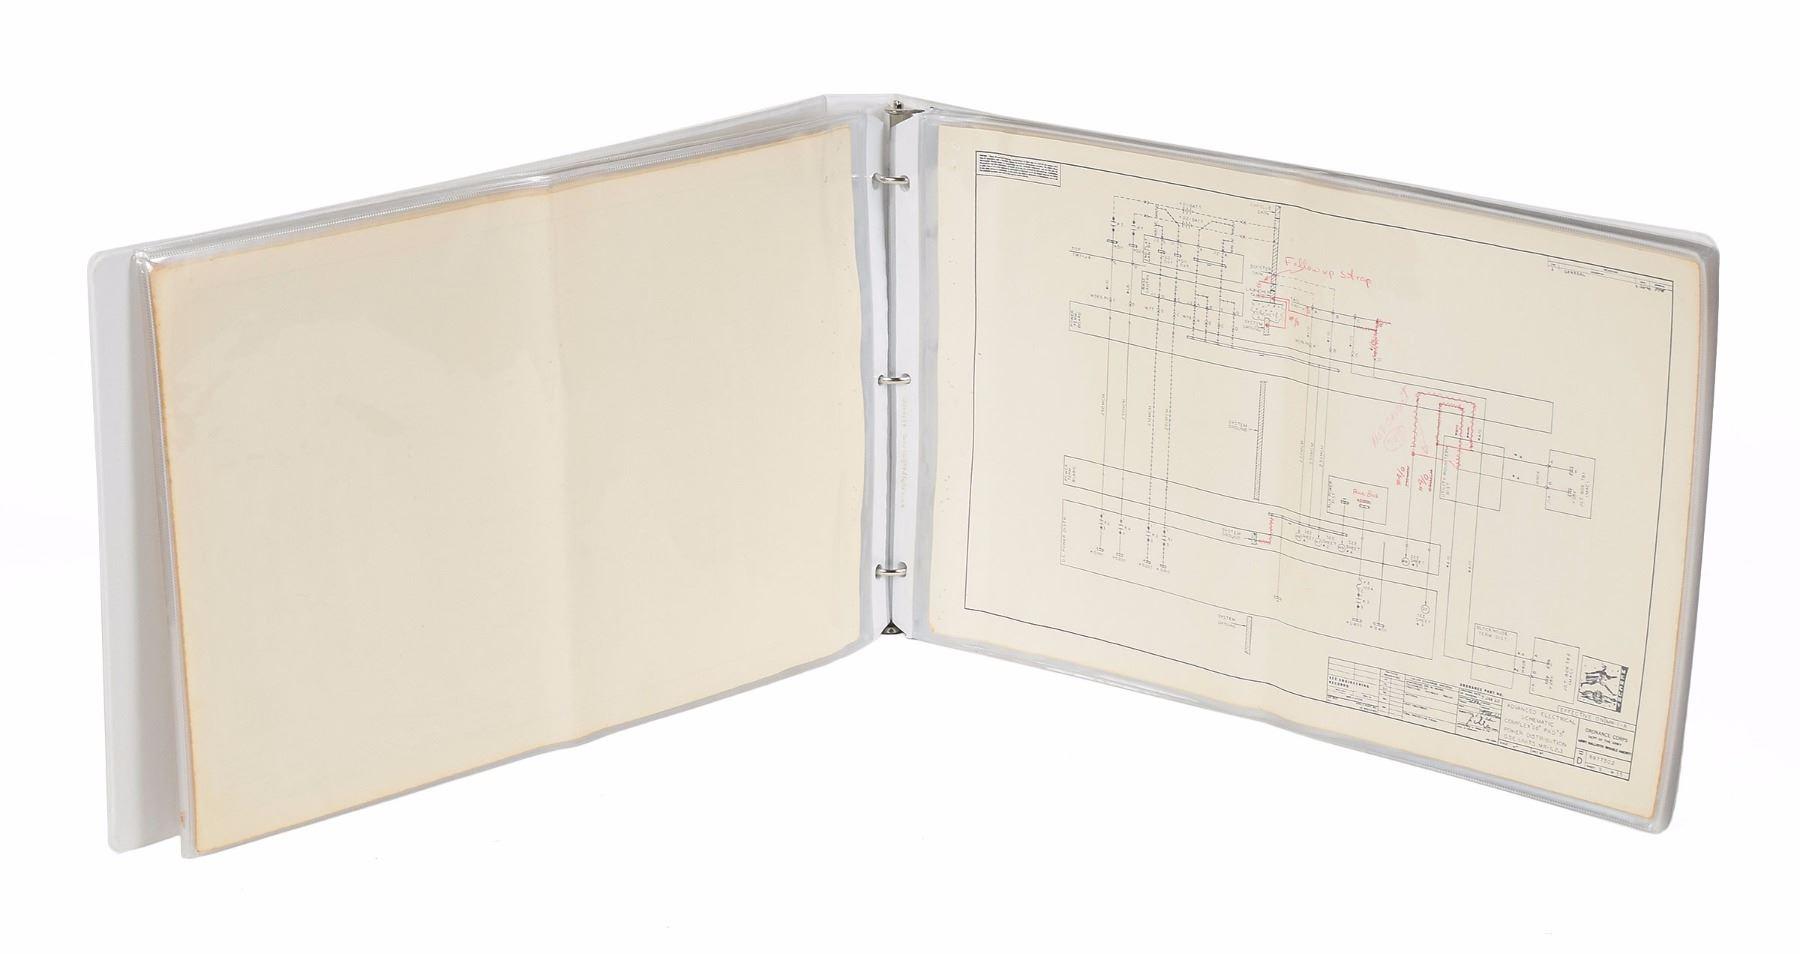 image 5 : mercury redstone 1960 gse electronics schematics